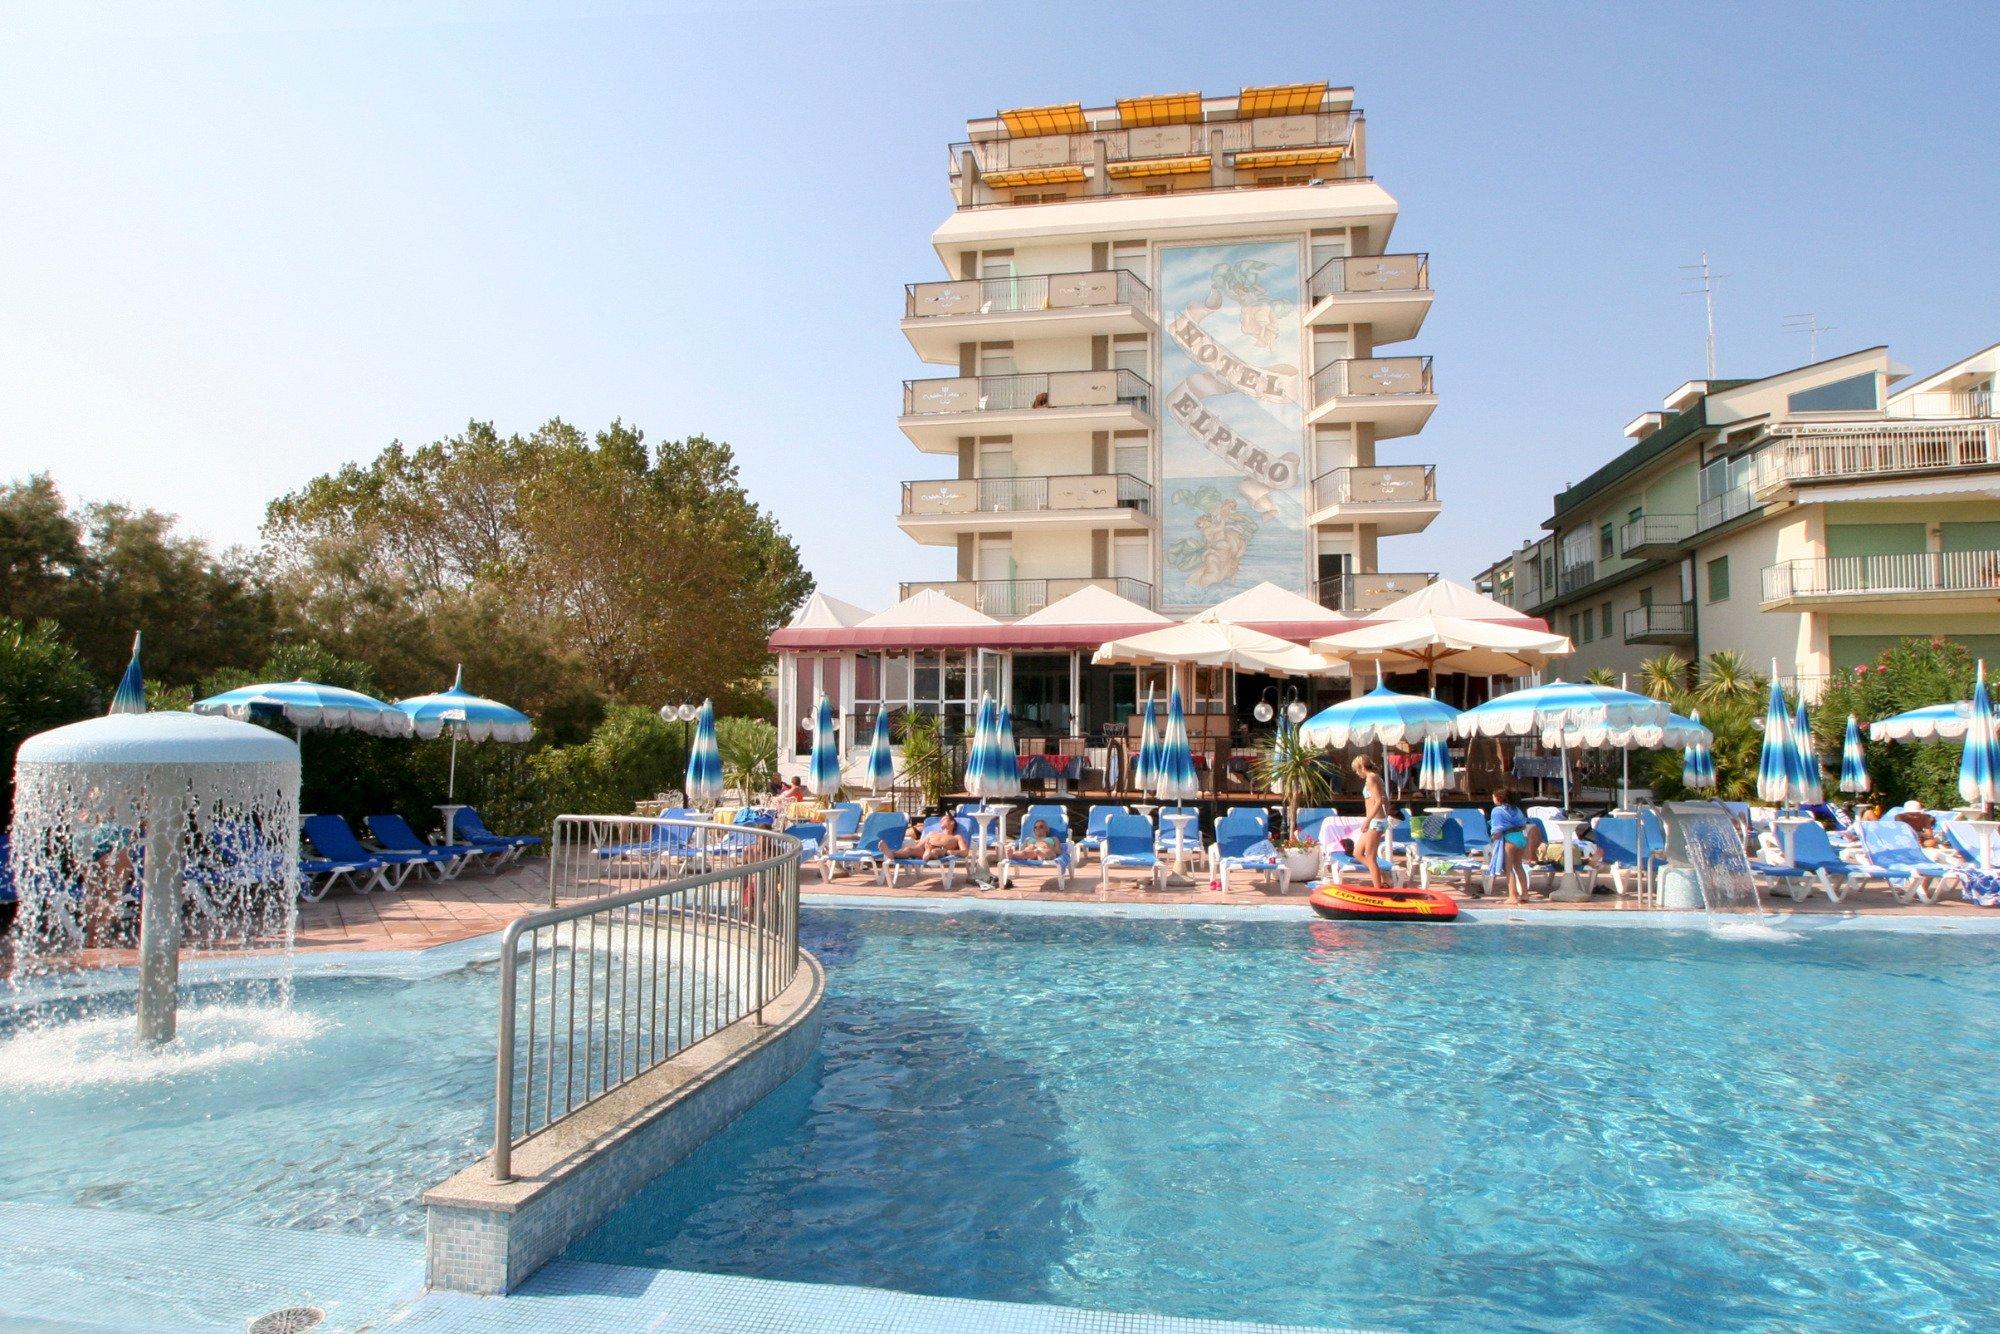 Hotel Elpiro